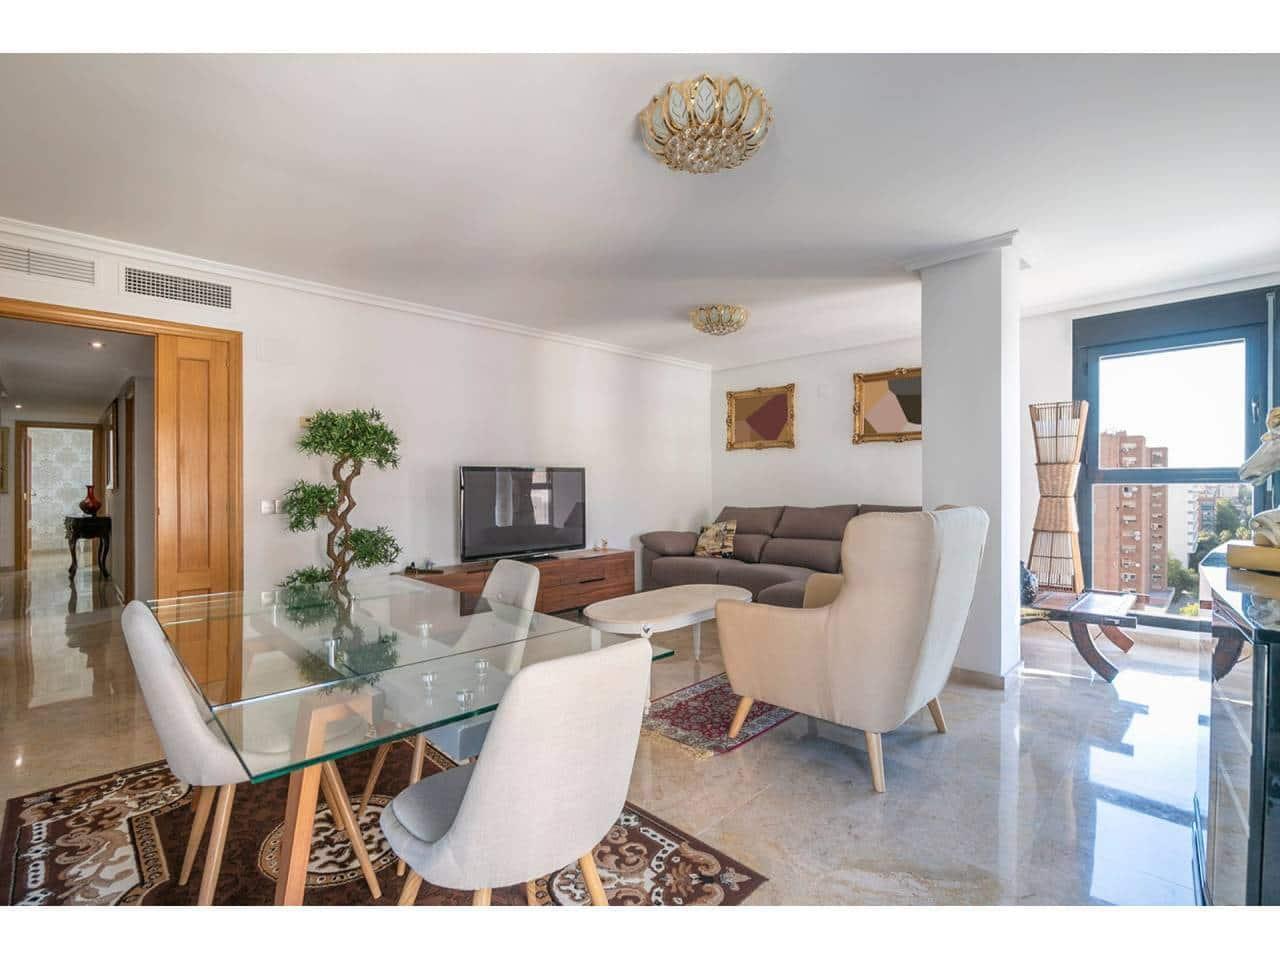 4 chambre Appartement à vendre à Valence ville - 465 000 € (Ref: 5446976)